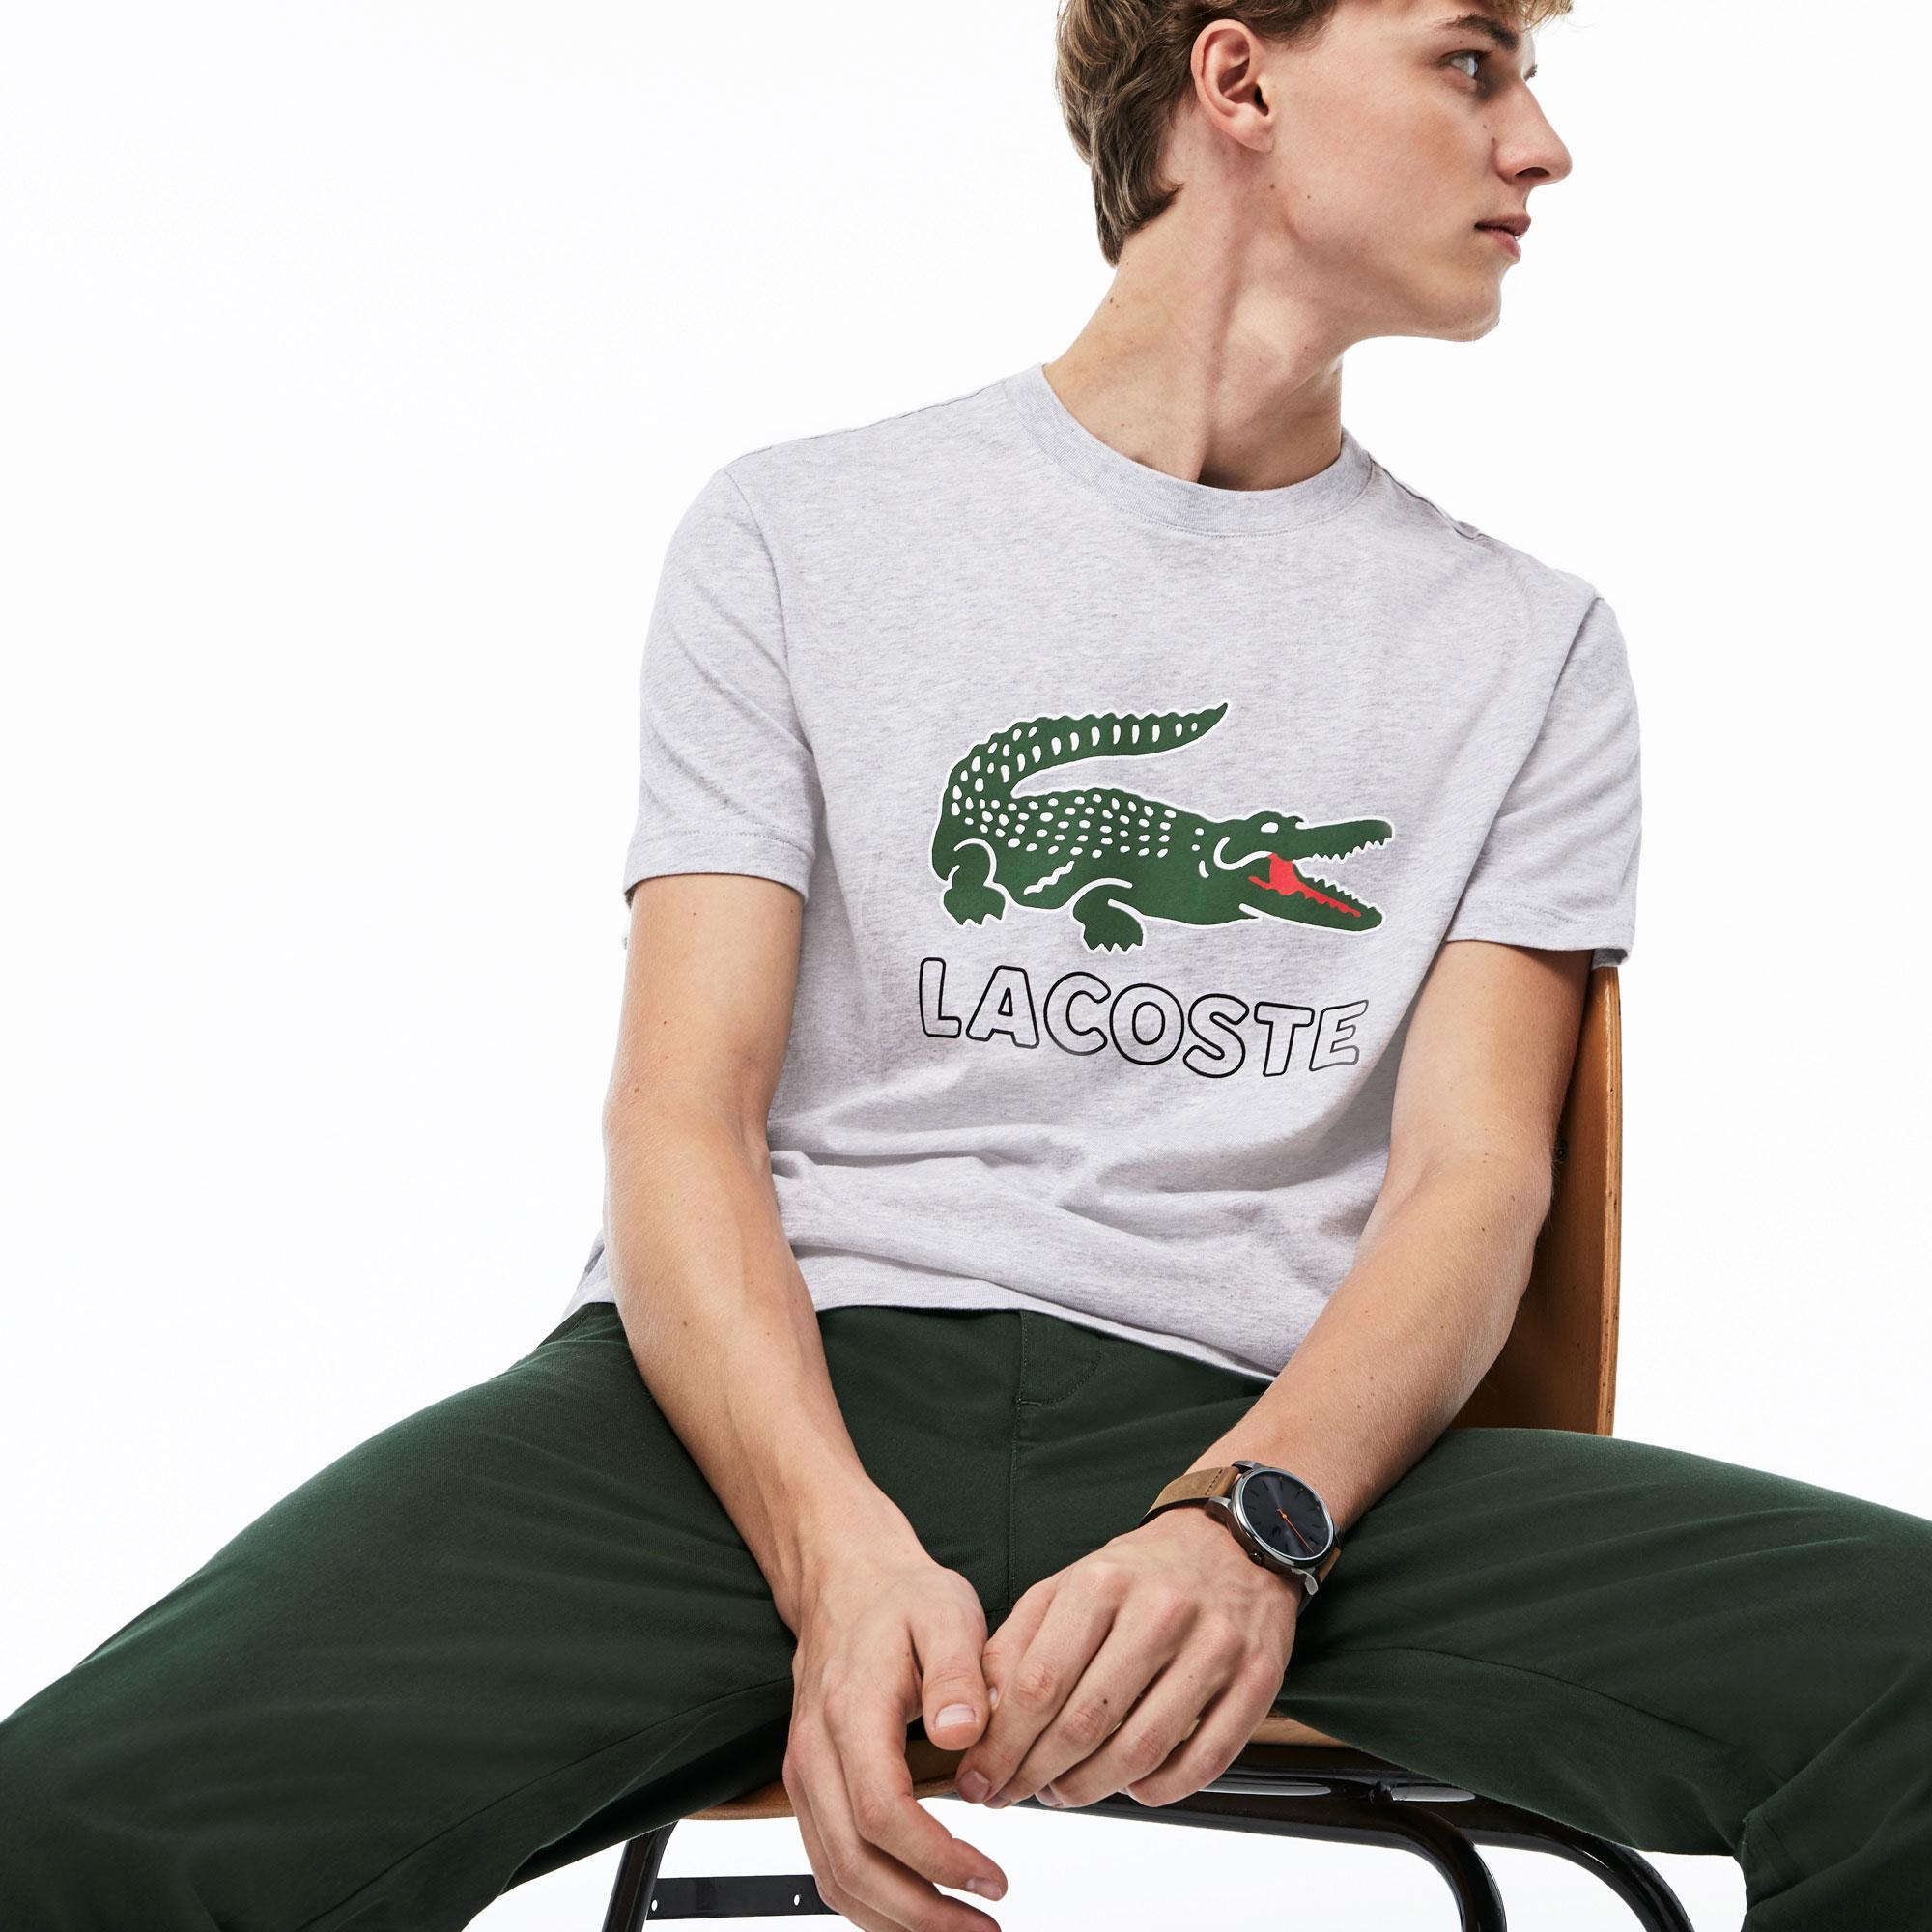 Lacoste Erkek Timsah Baskılı Gri T-Shirt